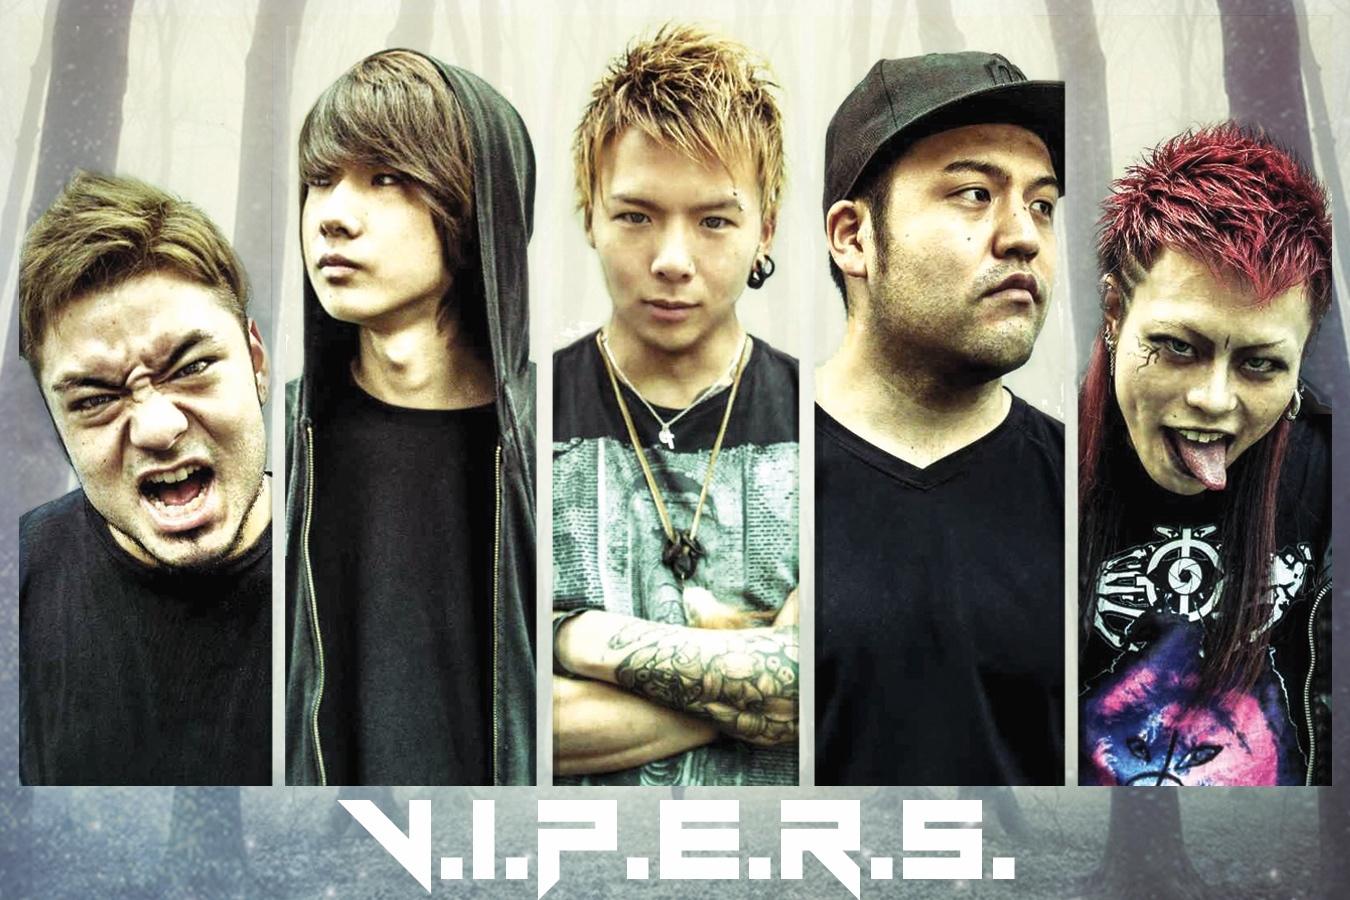 V.I.P.E.R.S. さらに上のレベルを目指したセカンドアルバムを作りたい!!!